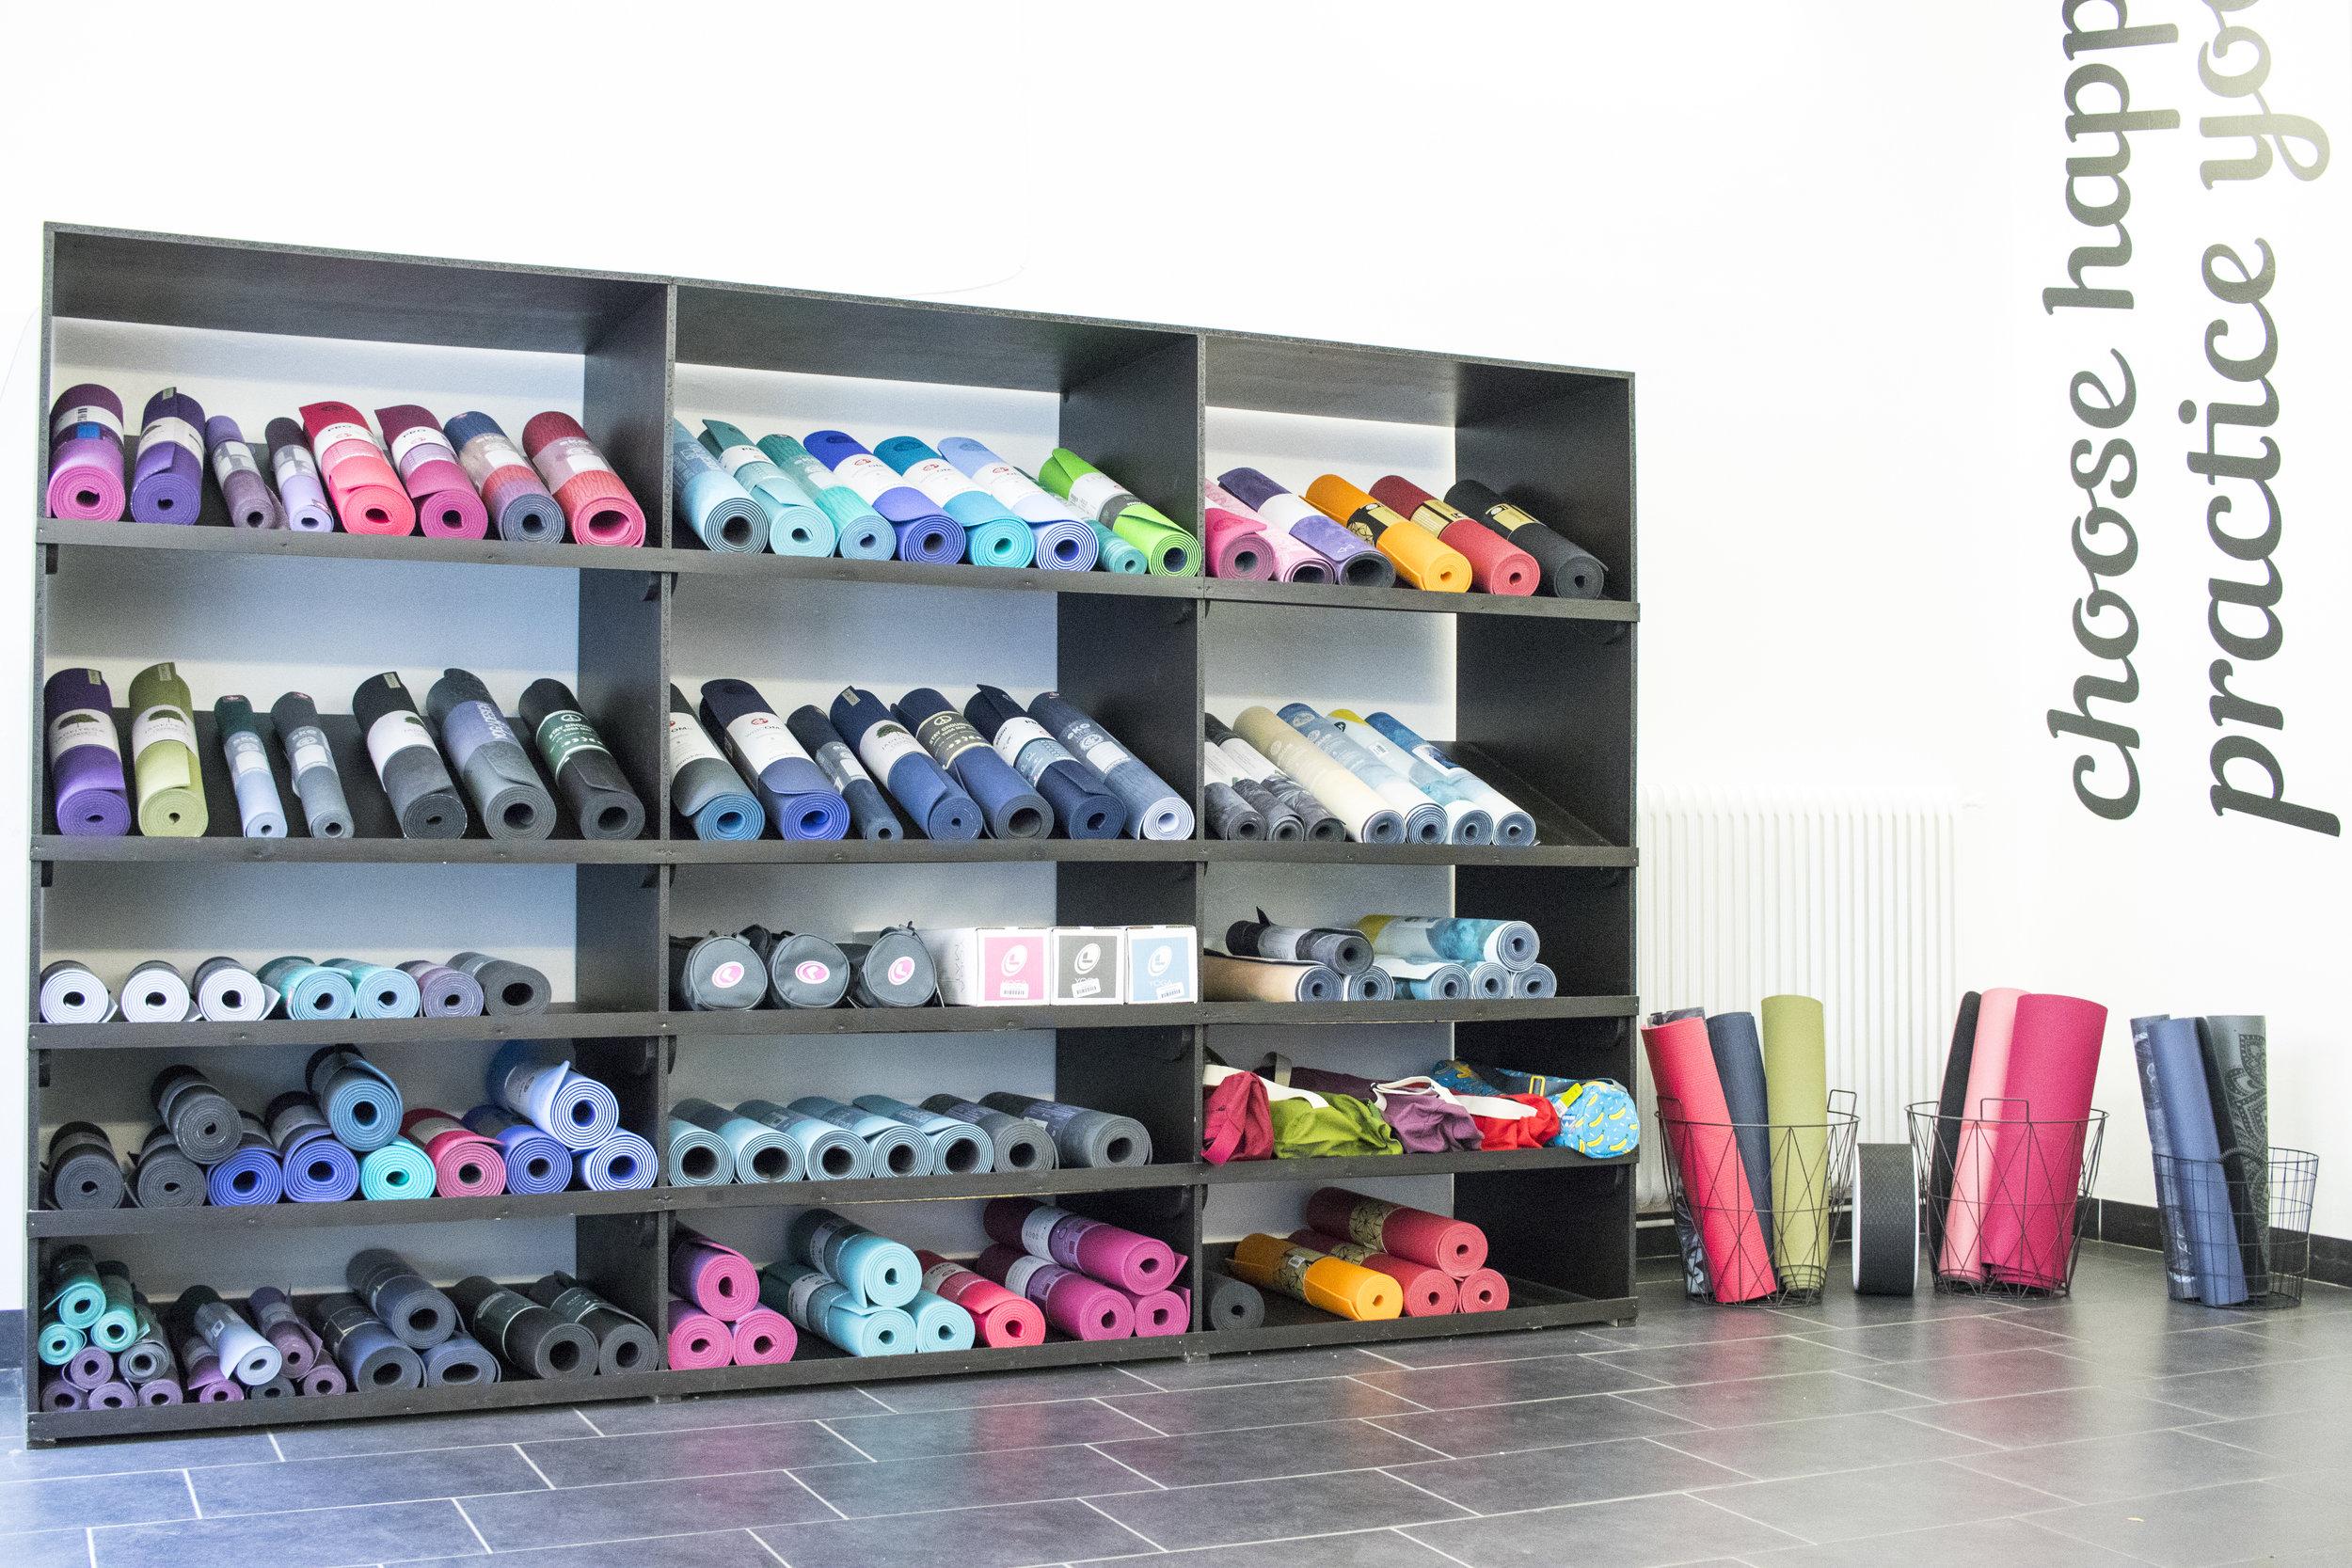 Shop_Matten.jpg